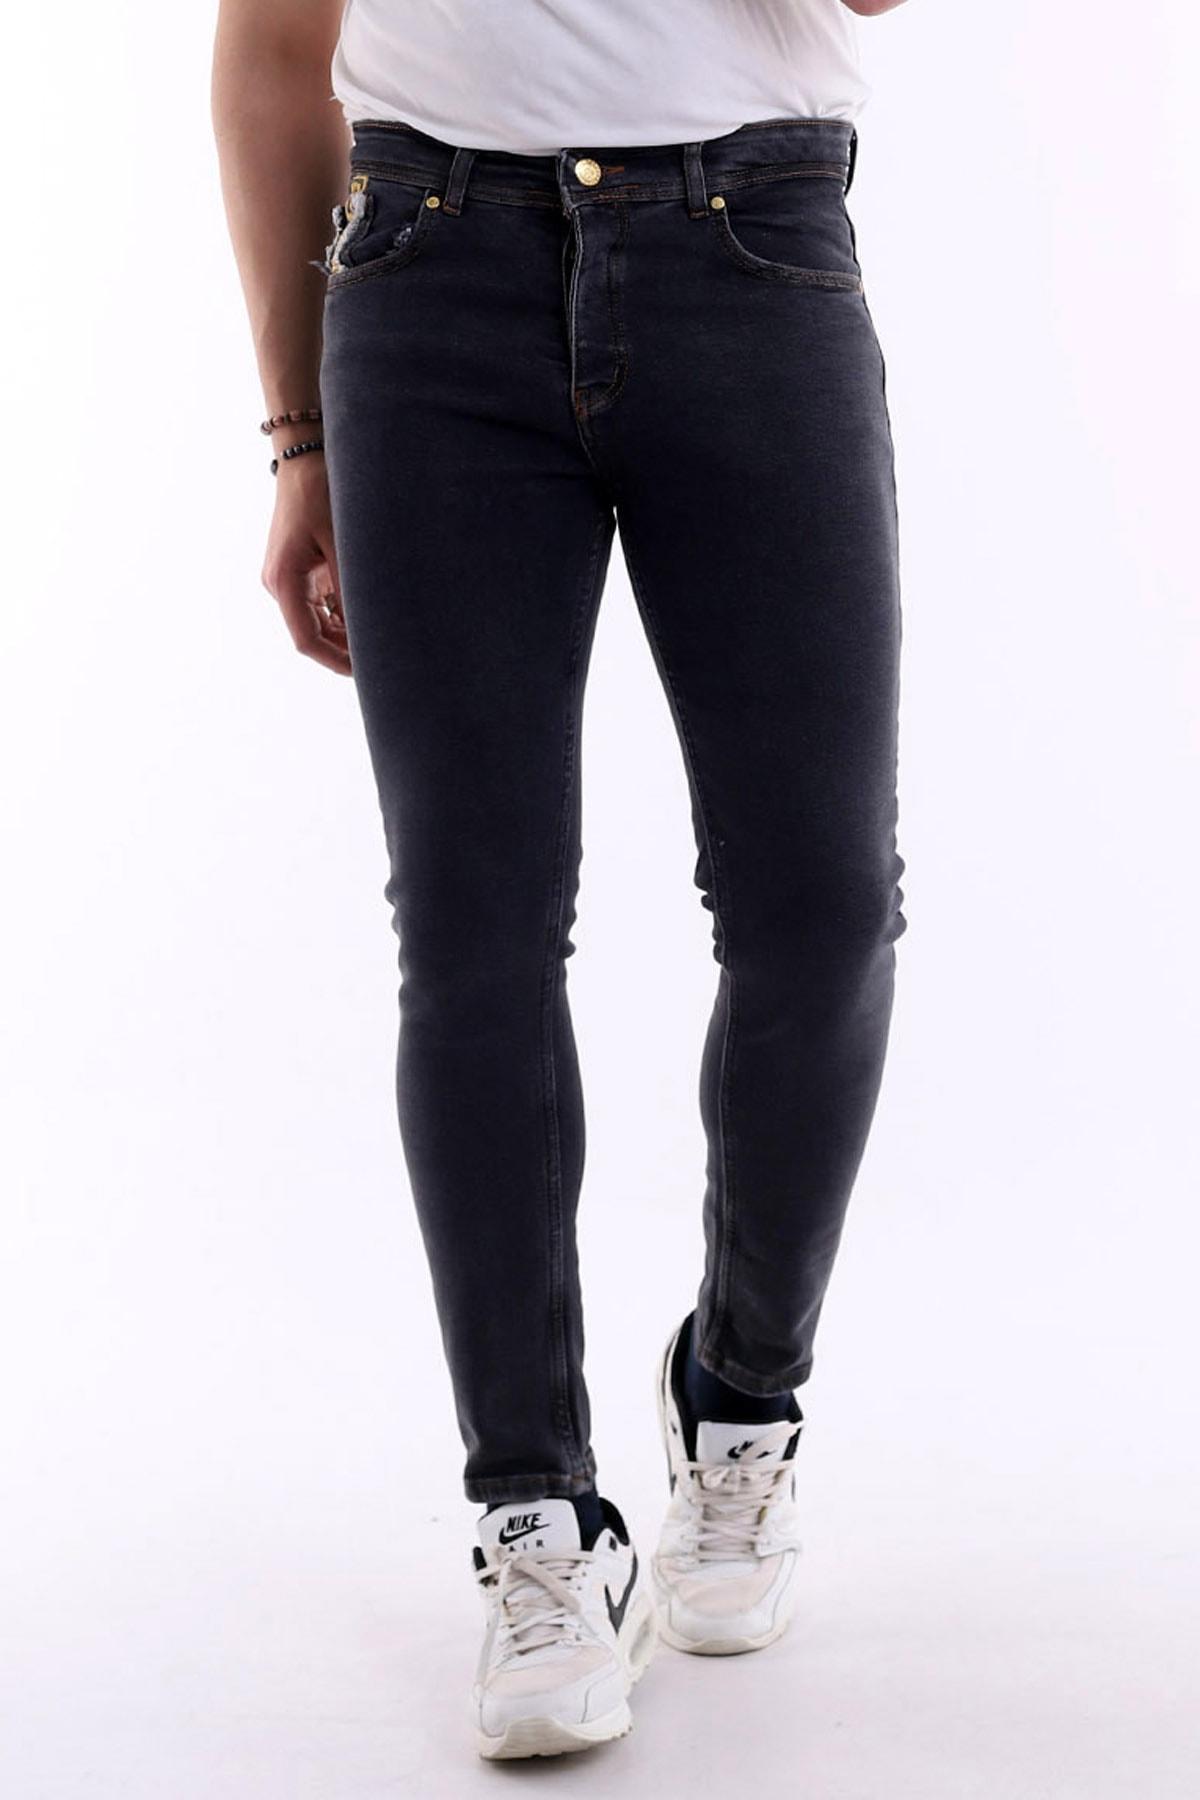 Likralı Rahat Giyim Kot Pantolon,şık Görünümlü Özel Günler Iin Giyilebilir